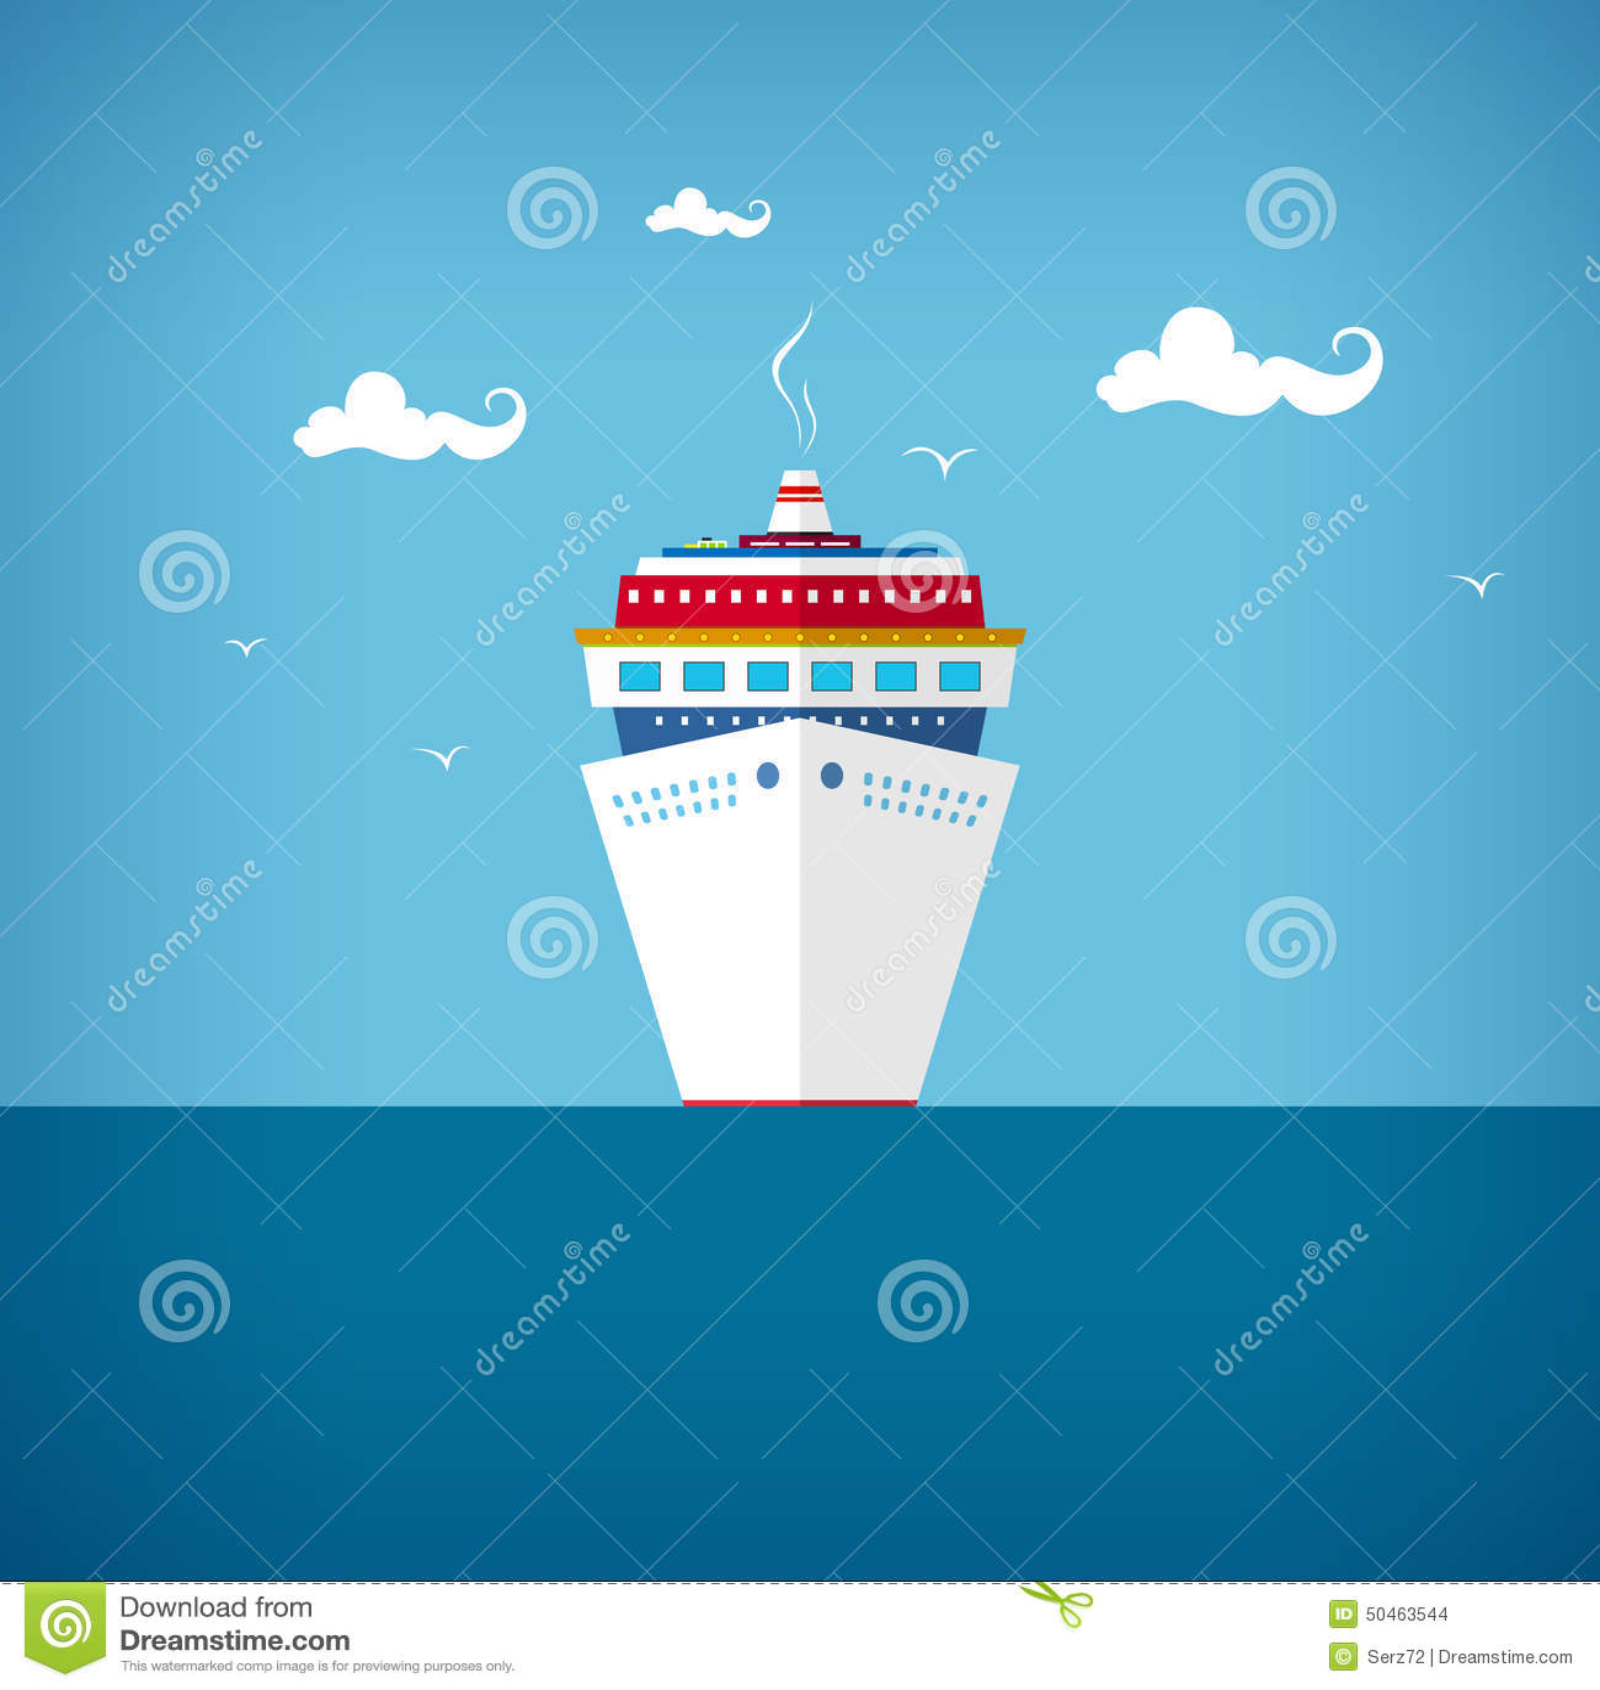 Cruiseschip op zee of in de oceaan in een zonnige dag